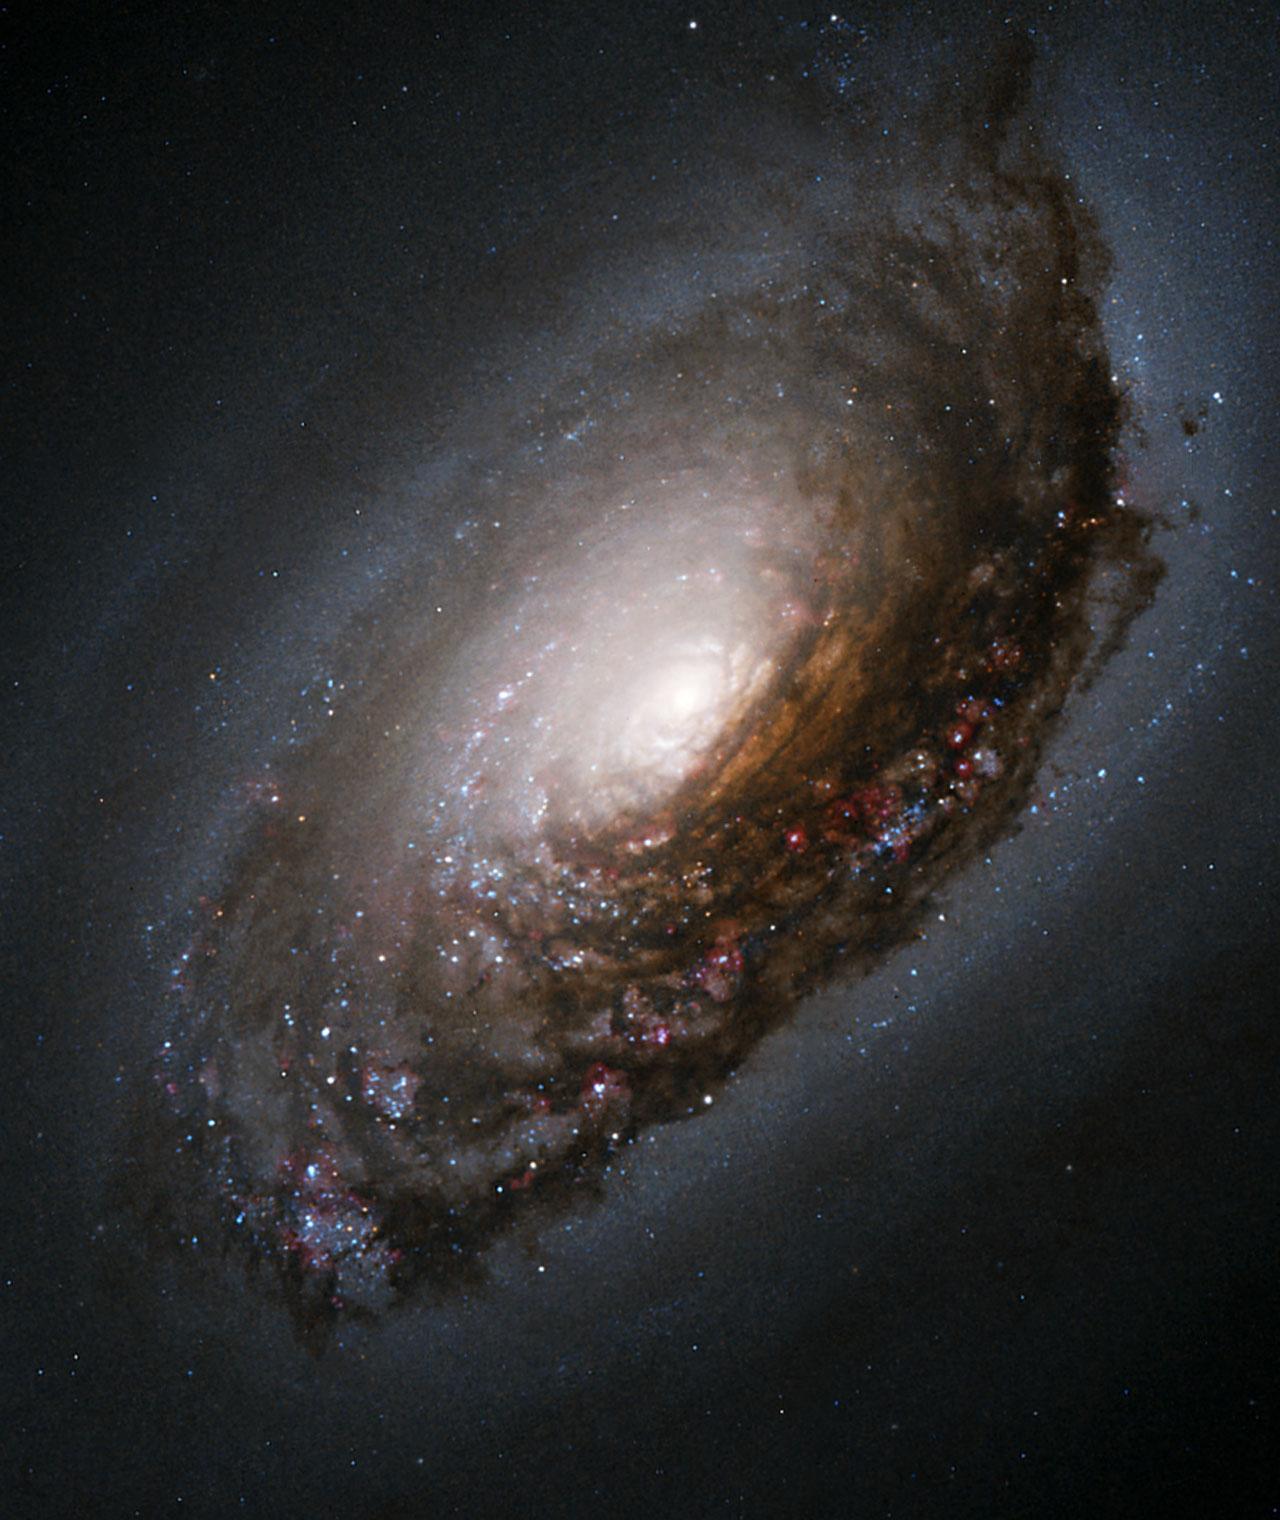 галактика М 64 в созвездии Волосы Вероники